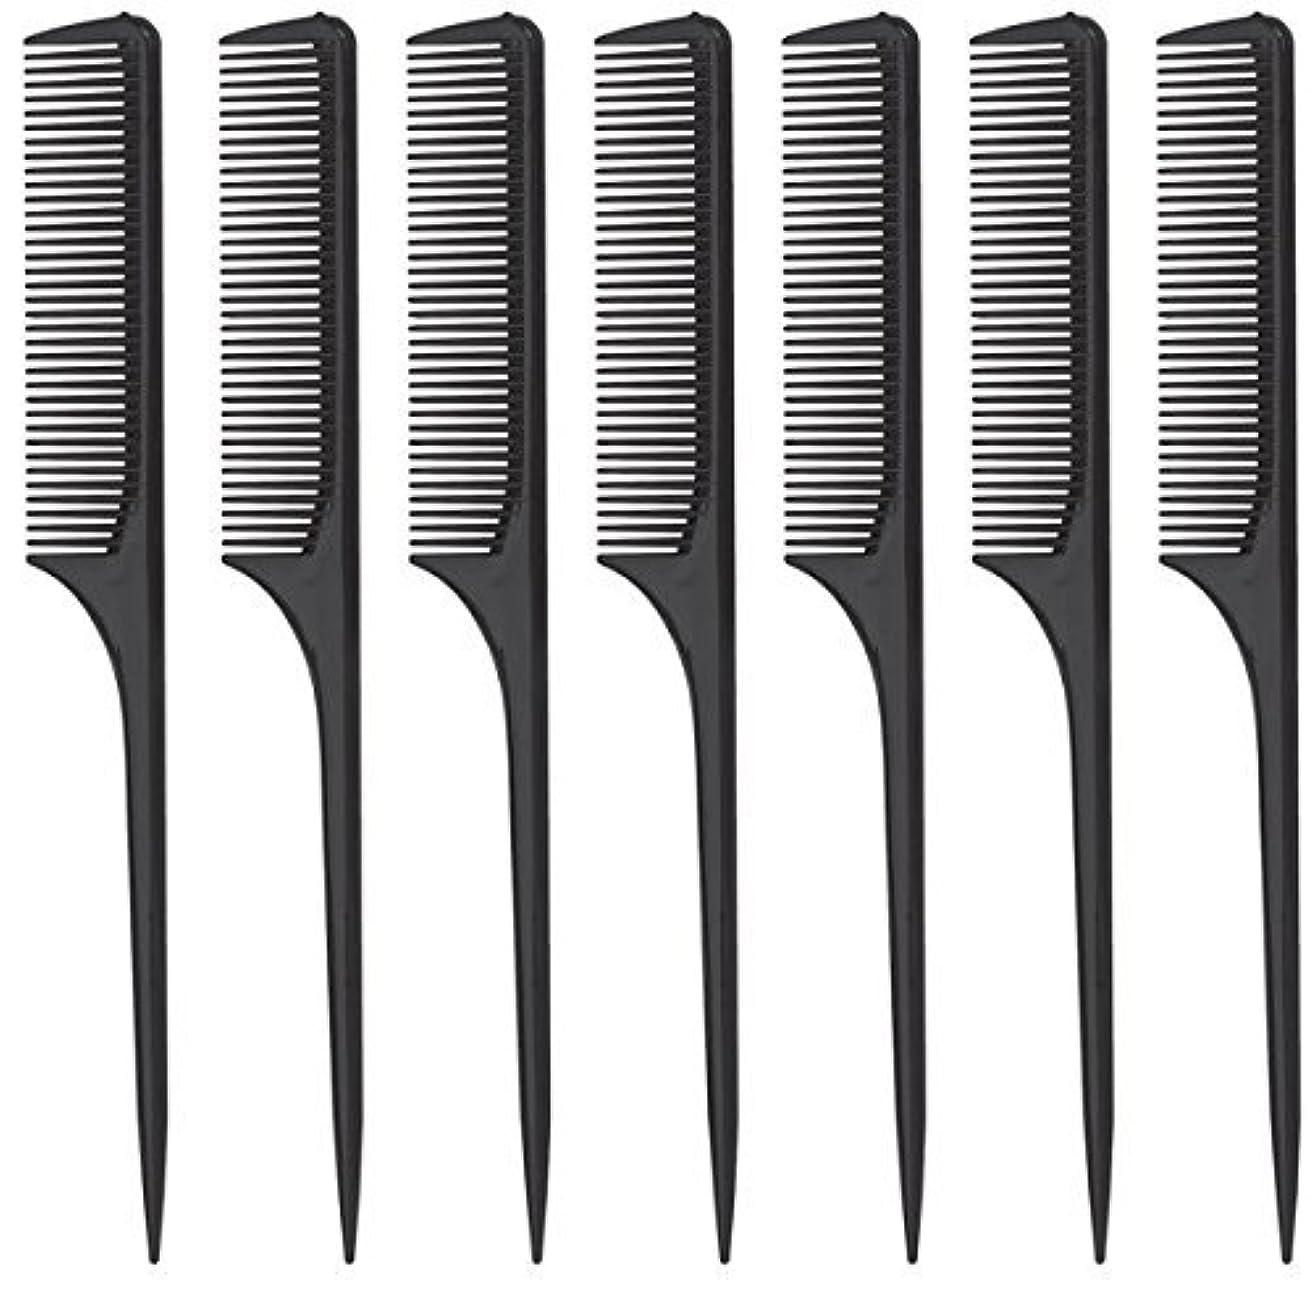 ワットタンザニアDiane Rat Tail Comb, Black, 9 Inch, 12 Count [並行輸入品]